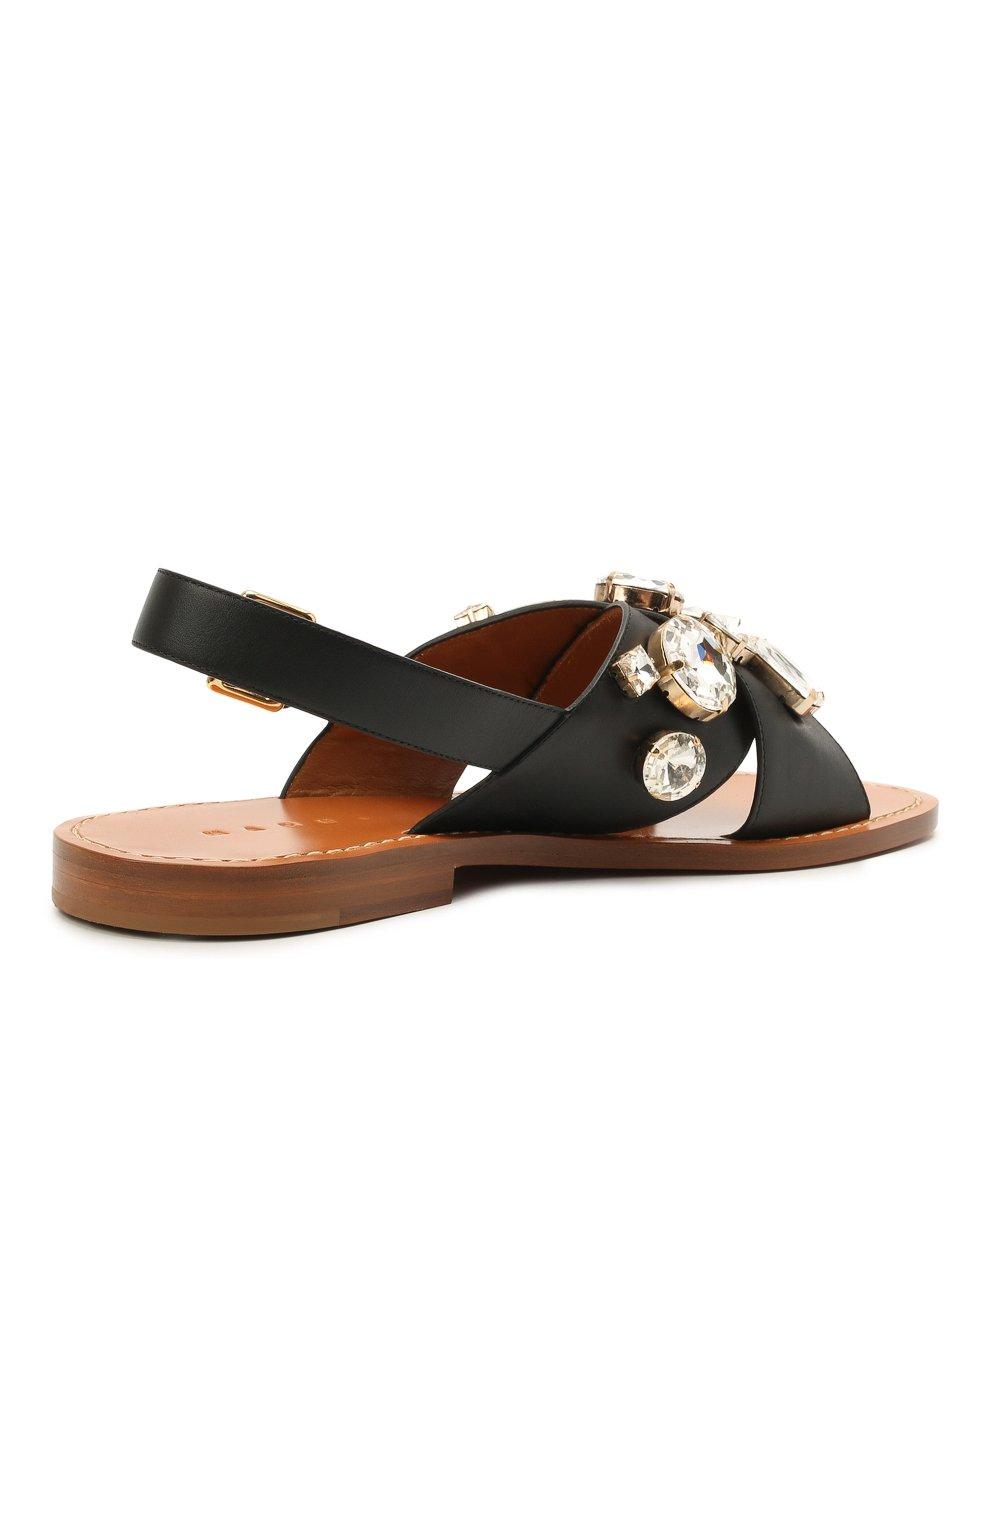 Женские кожаные сандалии MARNI черного цвета, арт. SAMS012400/P4107 | Фото 4 (Каблук высота: Низкий; Материал внутренний: Натуральная кожа; Подошва: Плоская)